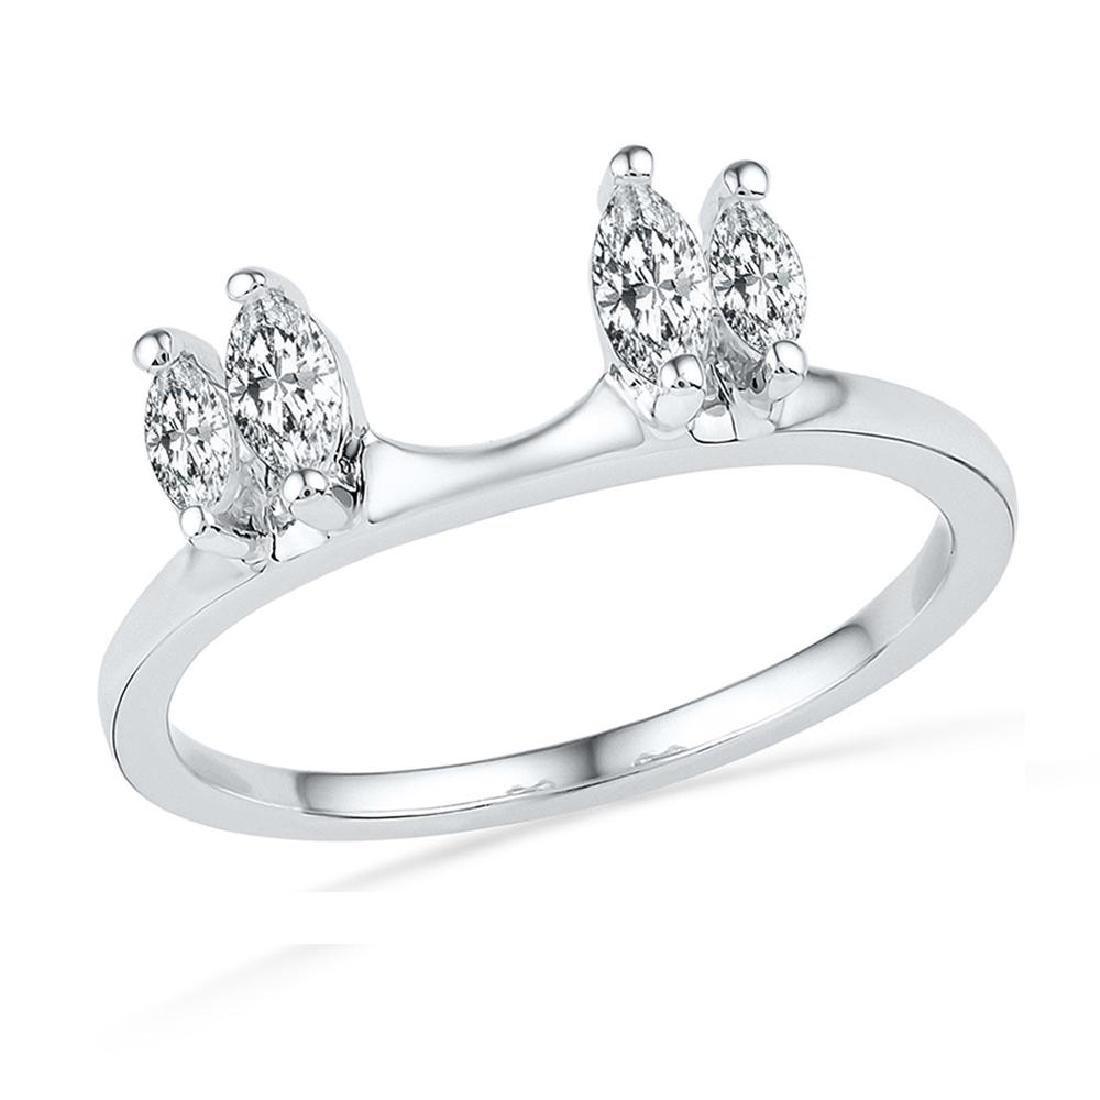 0.50 CTWOval Diamond Ring 14KT White Gold - REF-56K2W